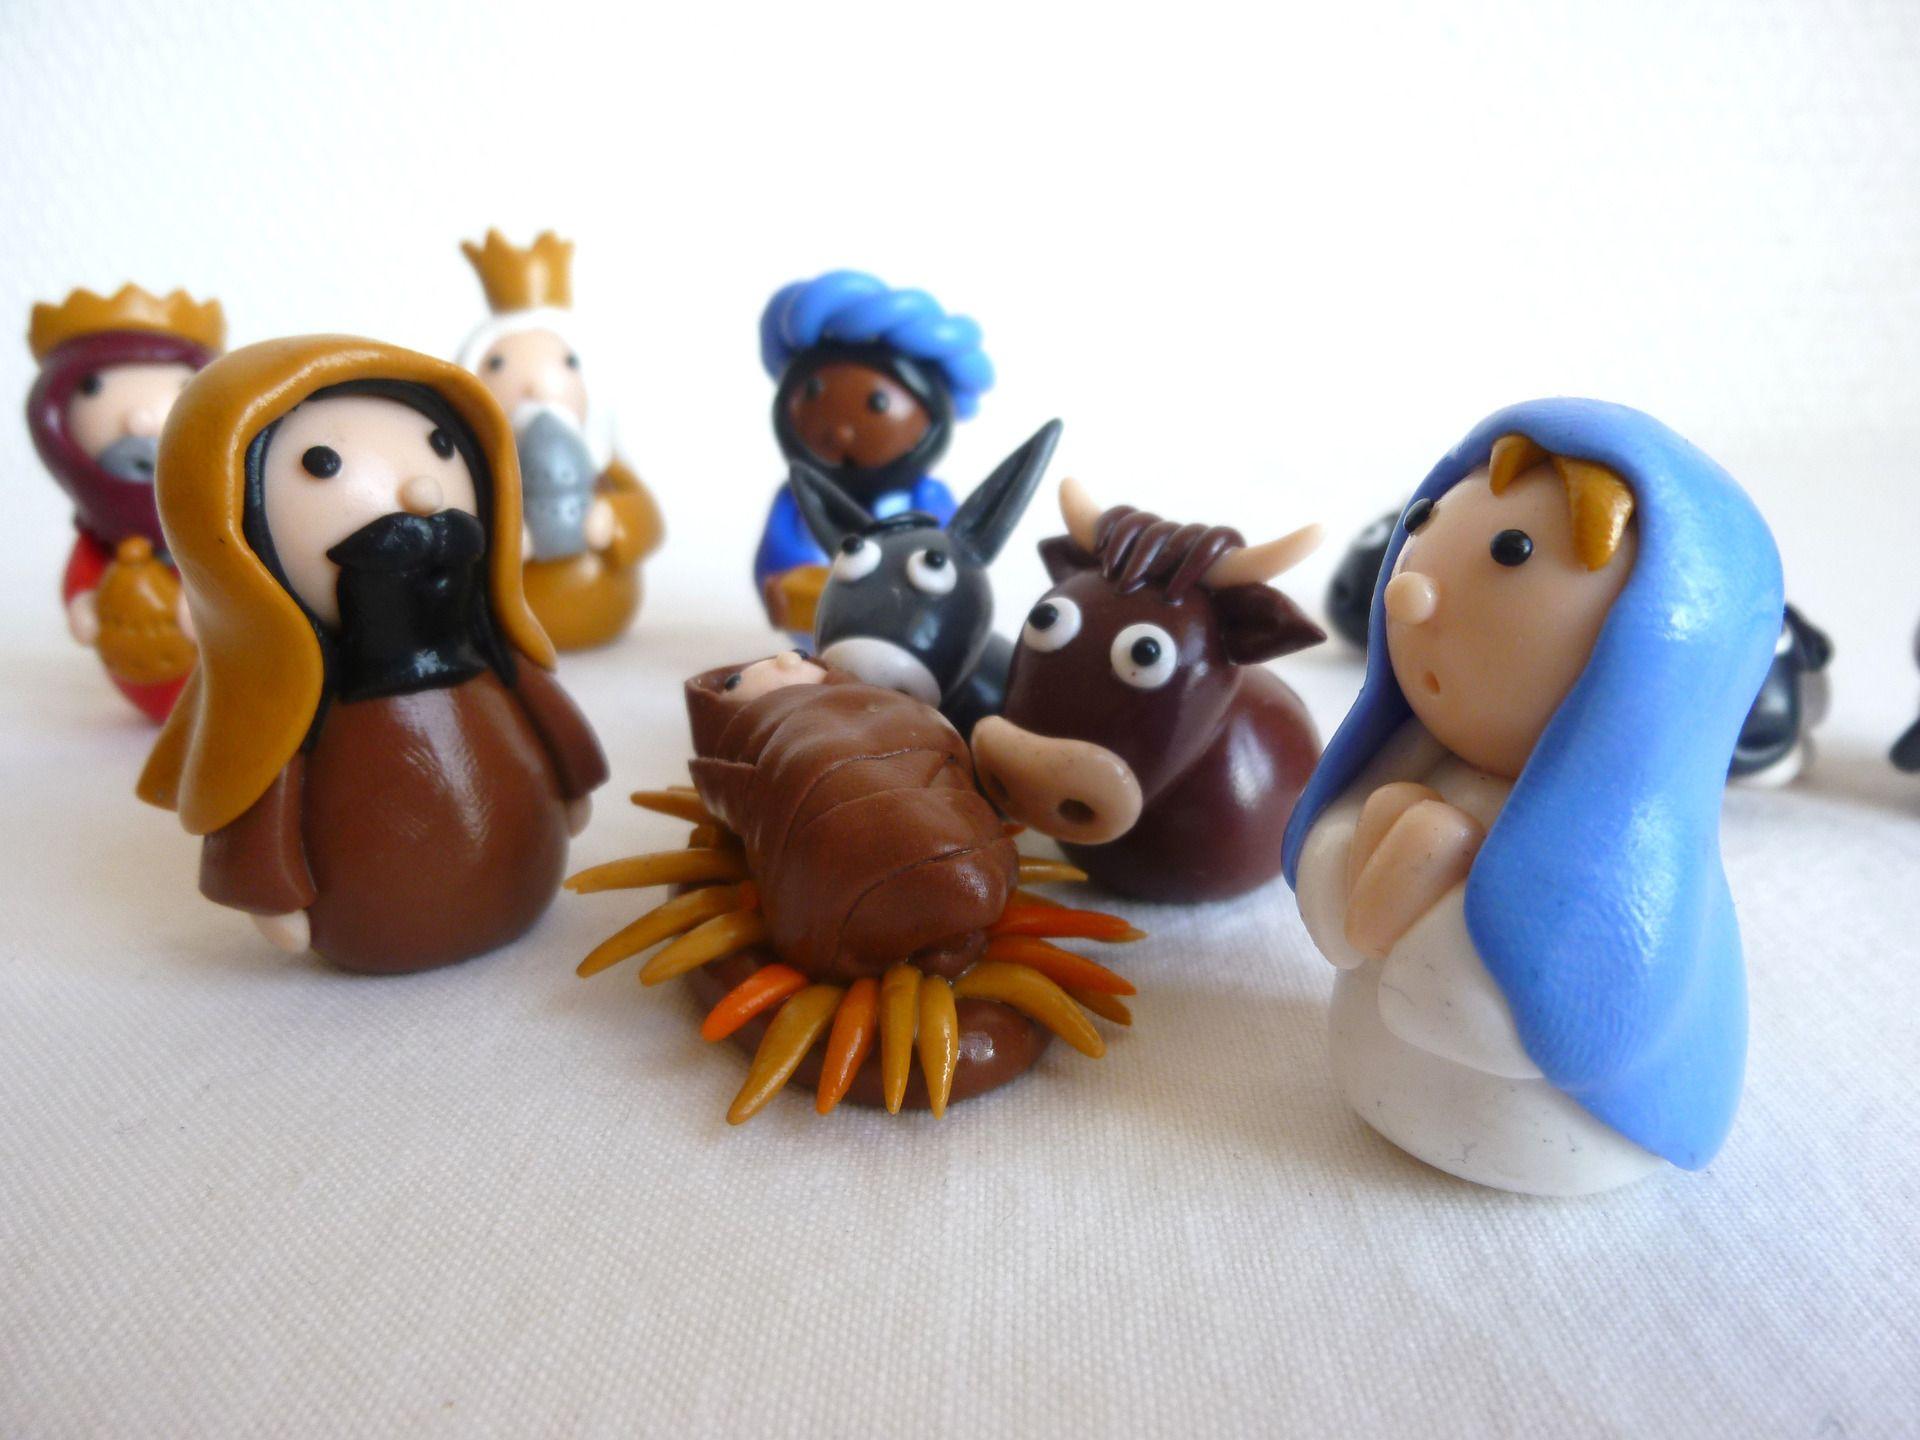 Crèche de Noël en pâte fimo vernie | Creche de noel, Noel, Modèles